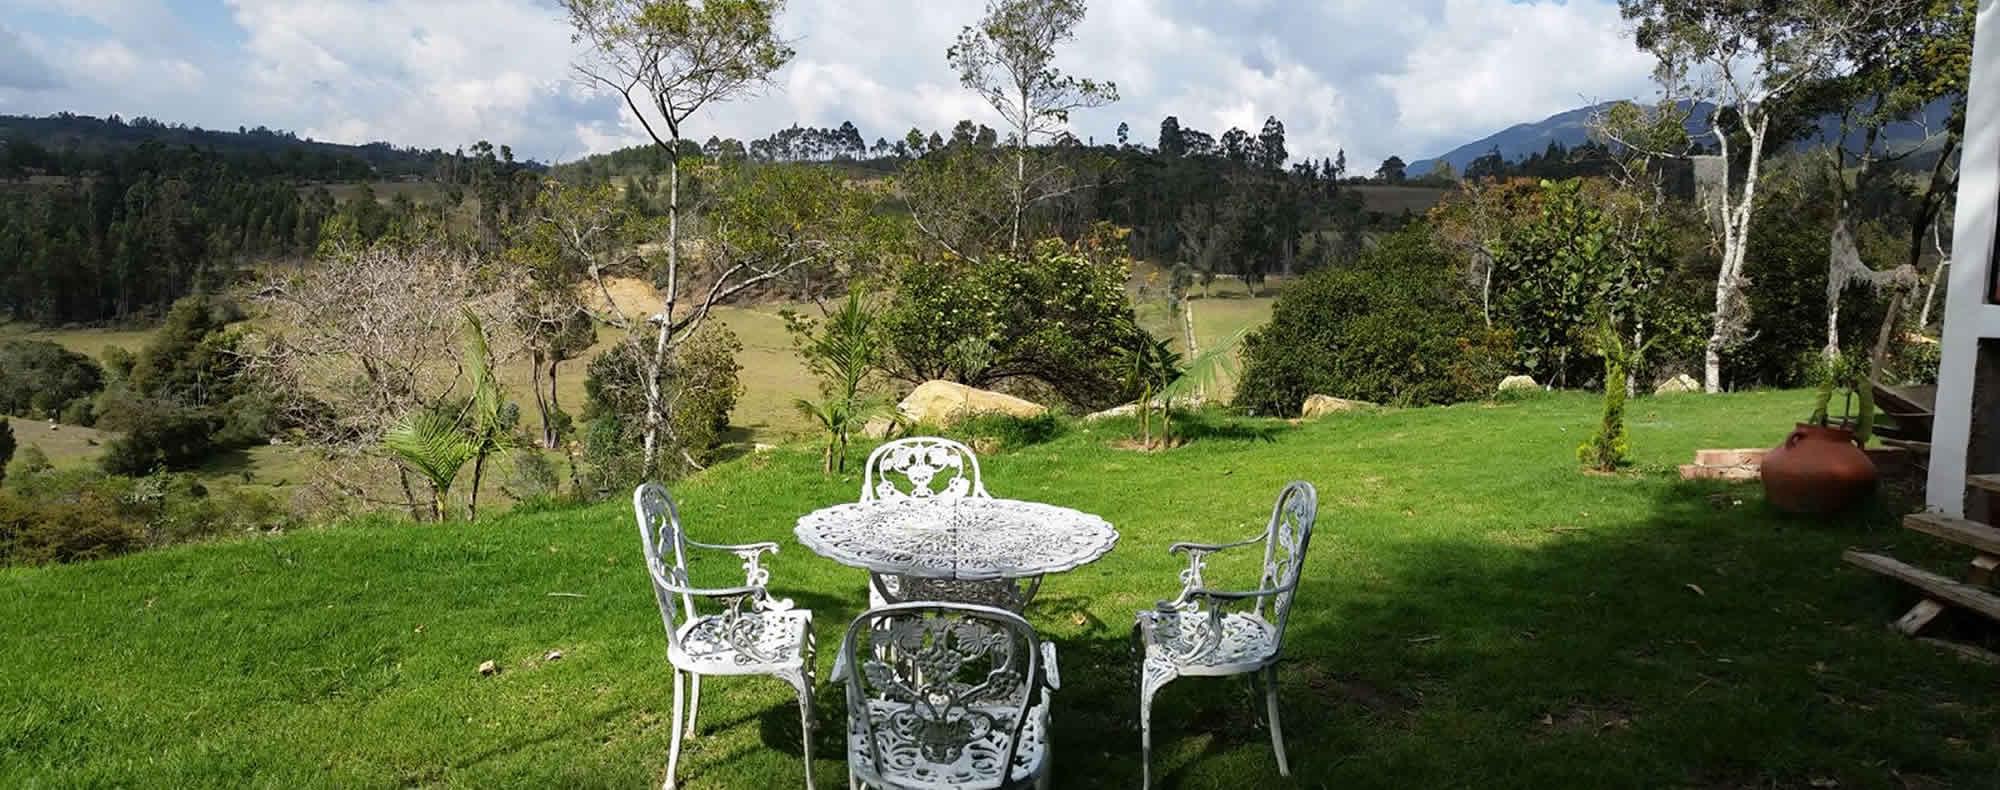 Zonas verdes casa El Paraíso en Villa de Leyva